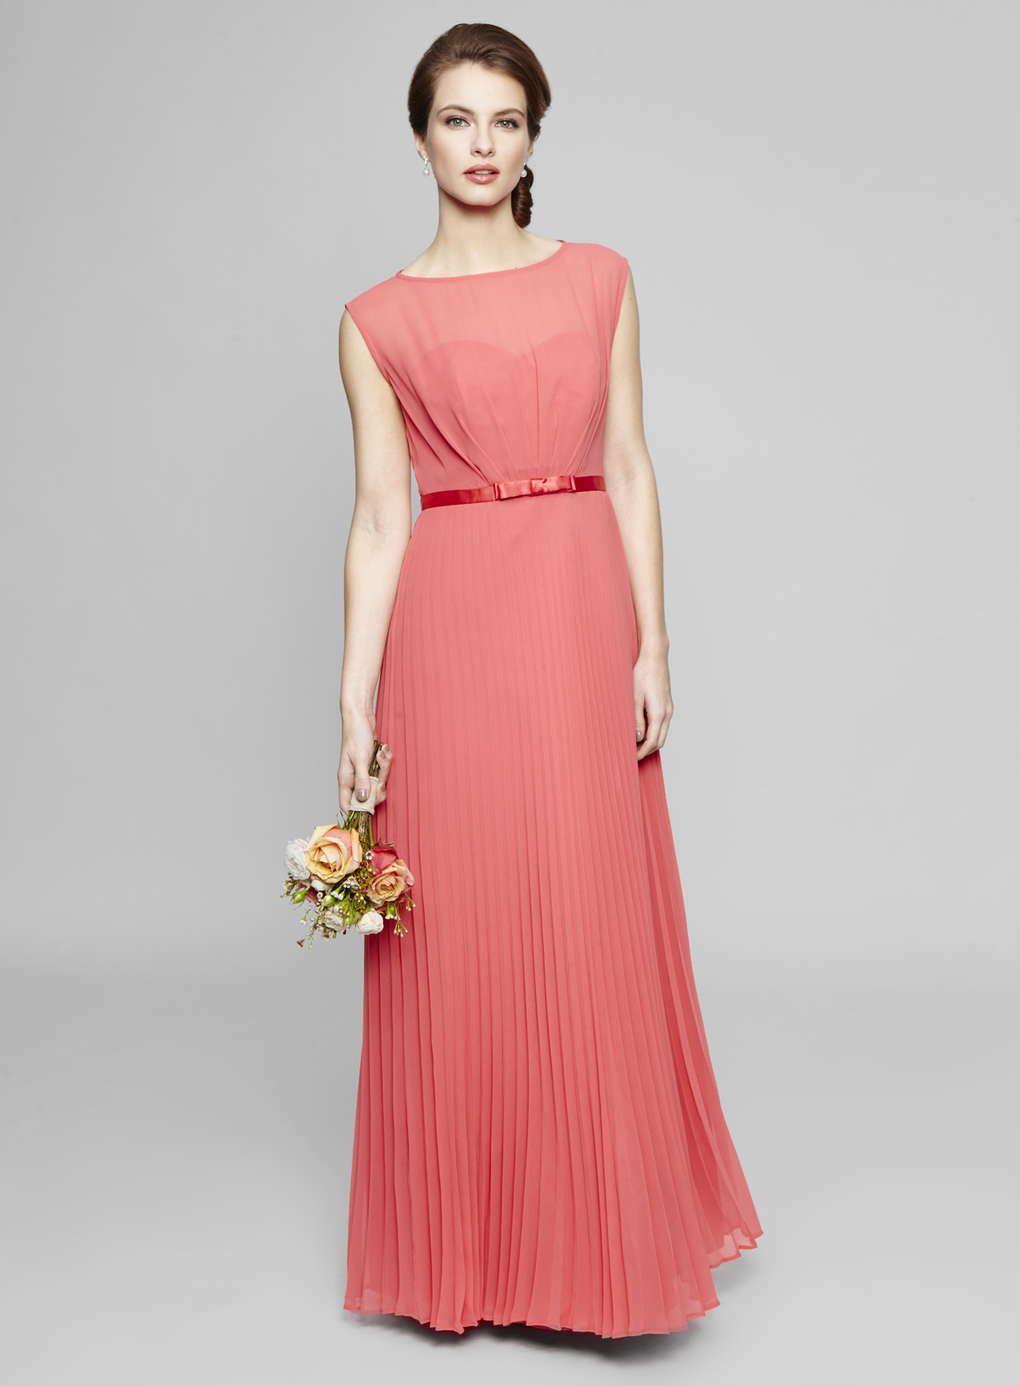 Deep coral primrose pleated skirt bridesmaid dress bhs wedding deep coral primrose pleated skirt bridesmaid dress bhs ombrellifo Choice Image